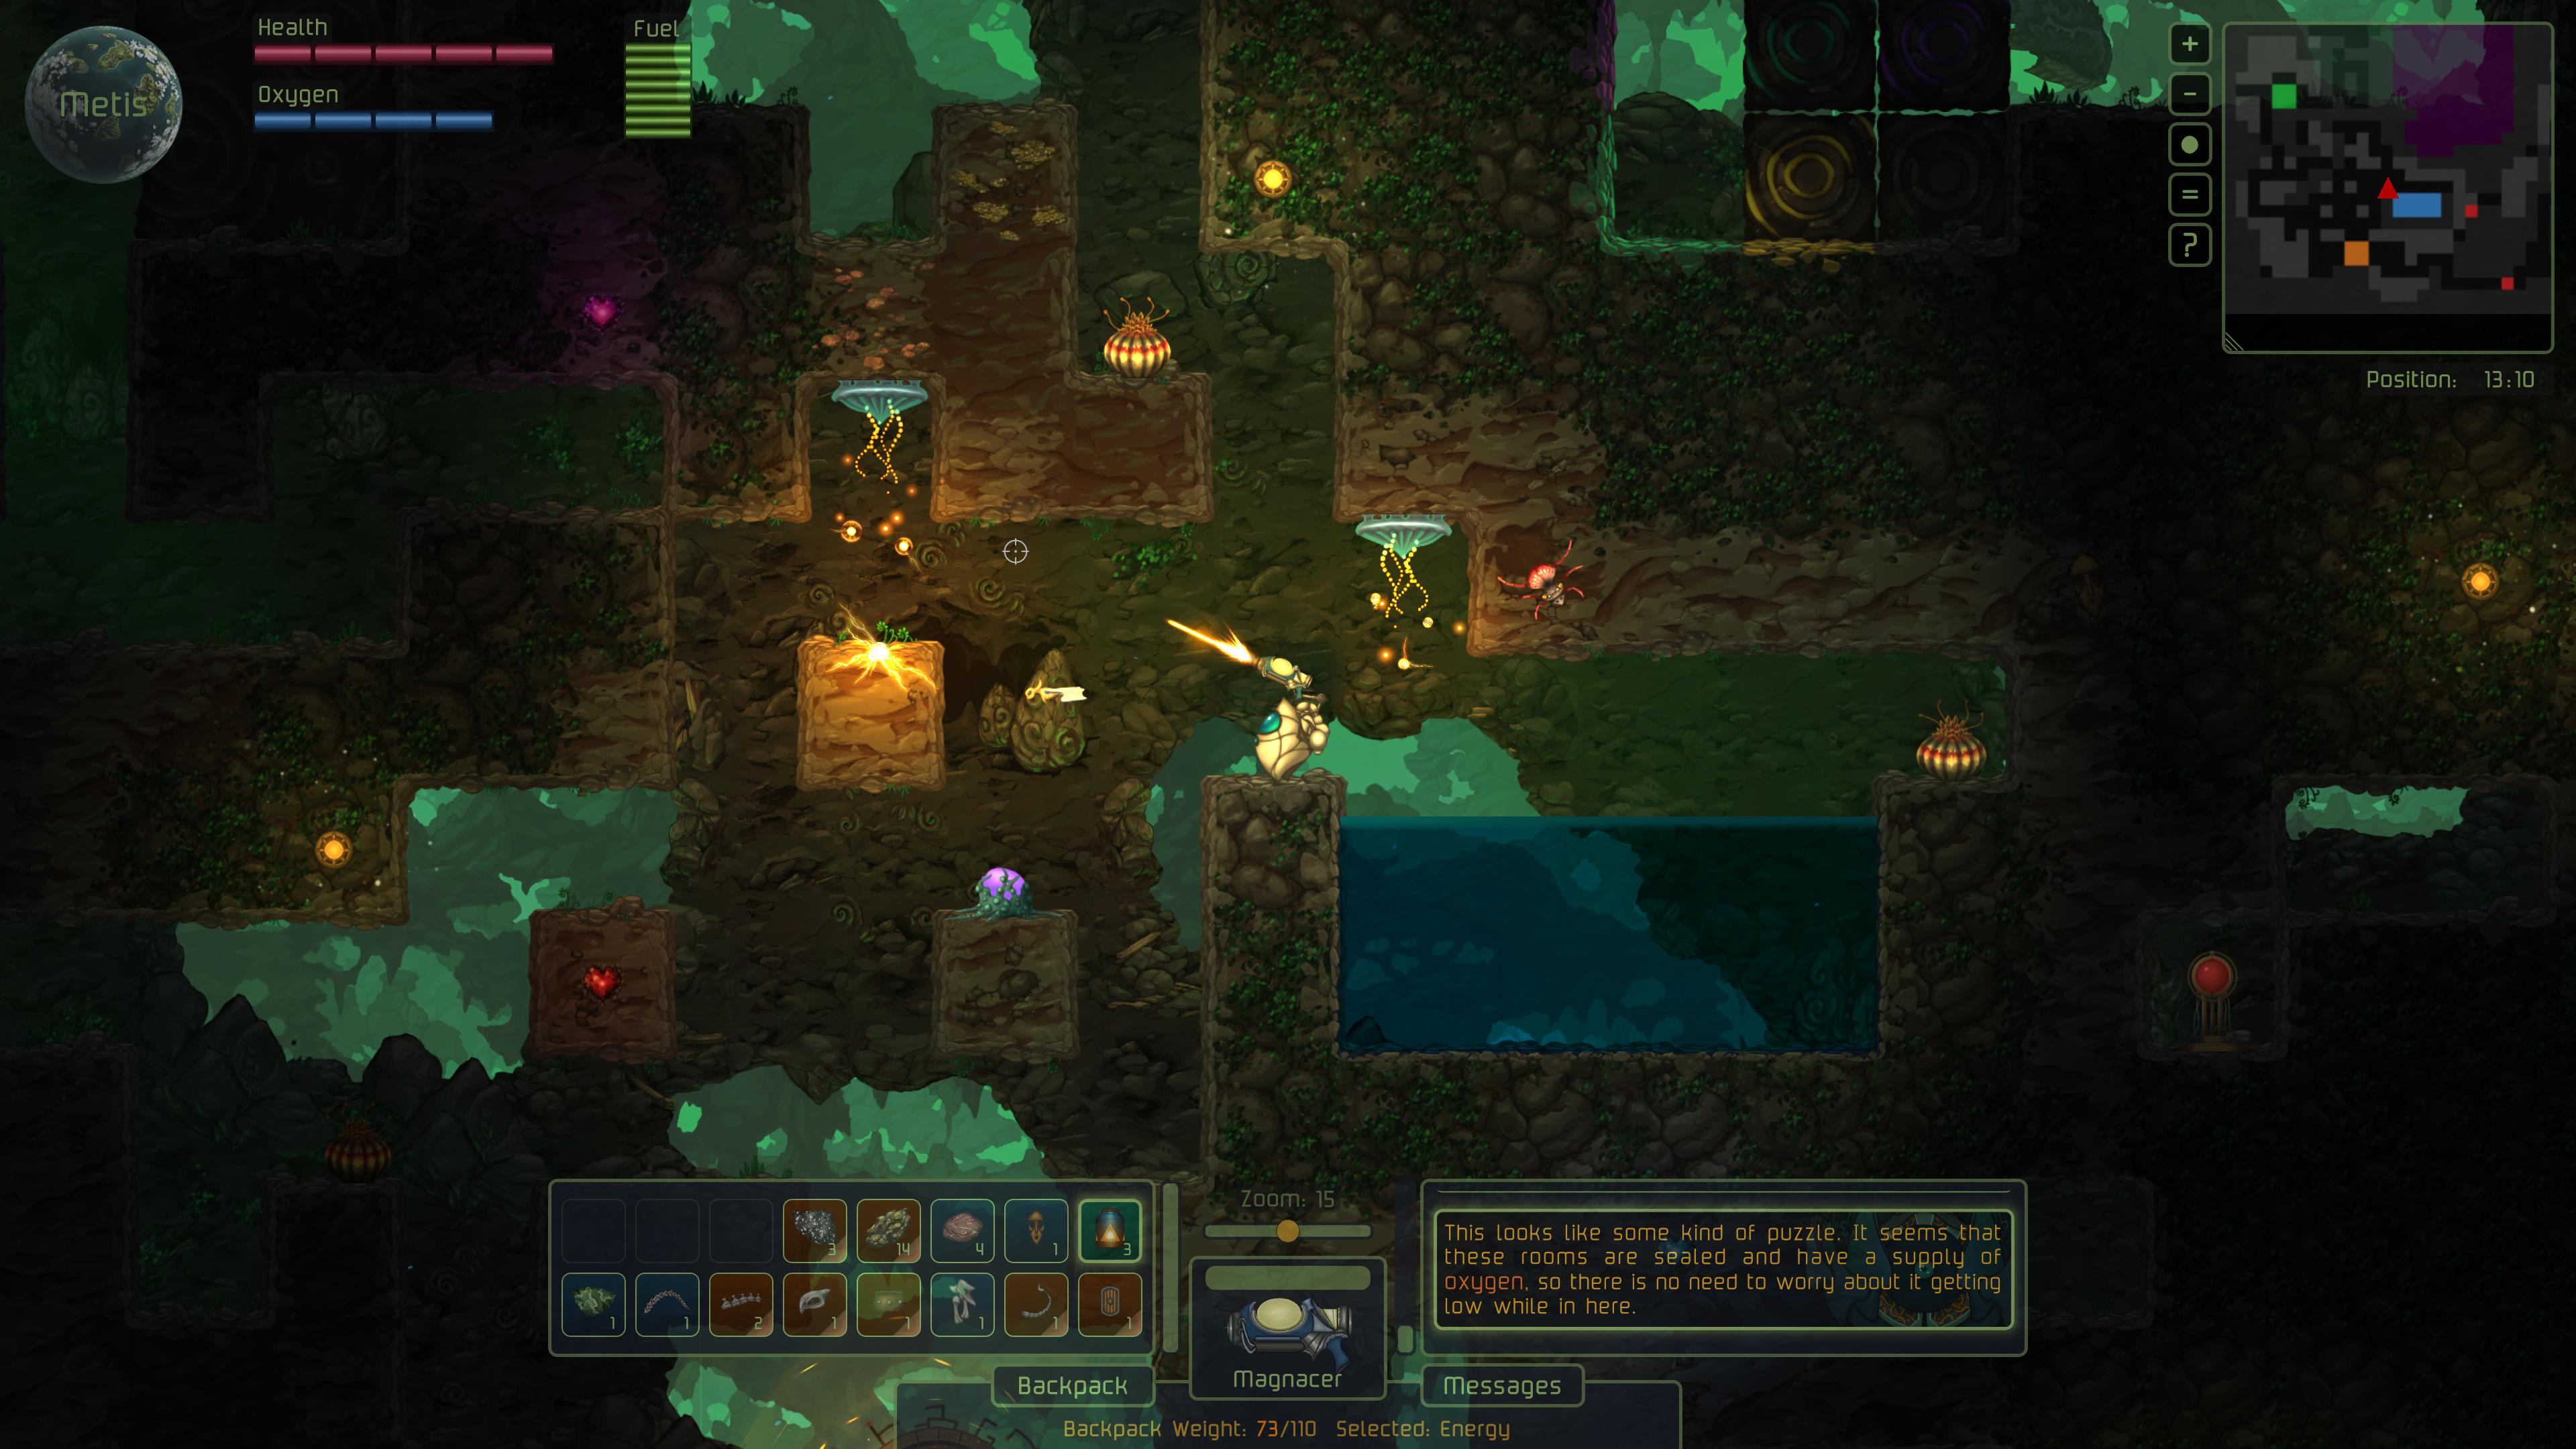 SAMA-Screenshot_Metis-Magnacer.jpg